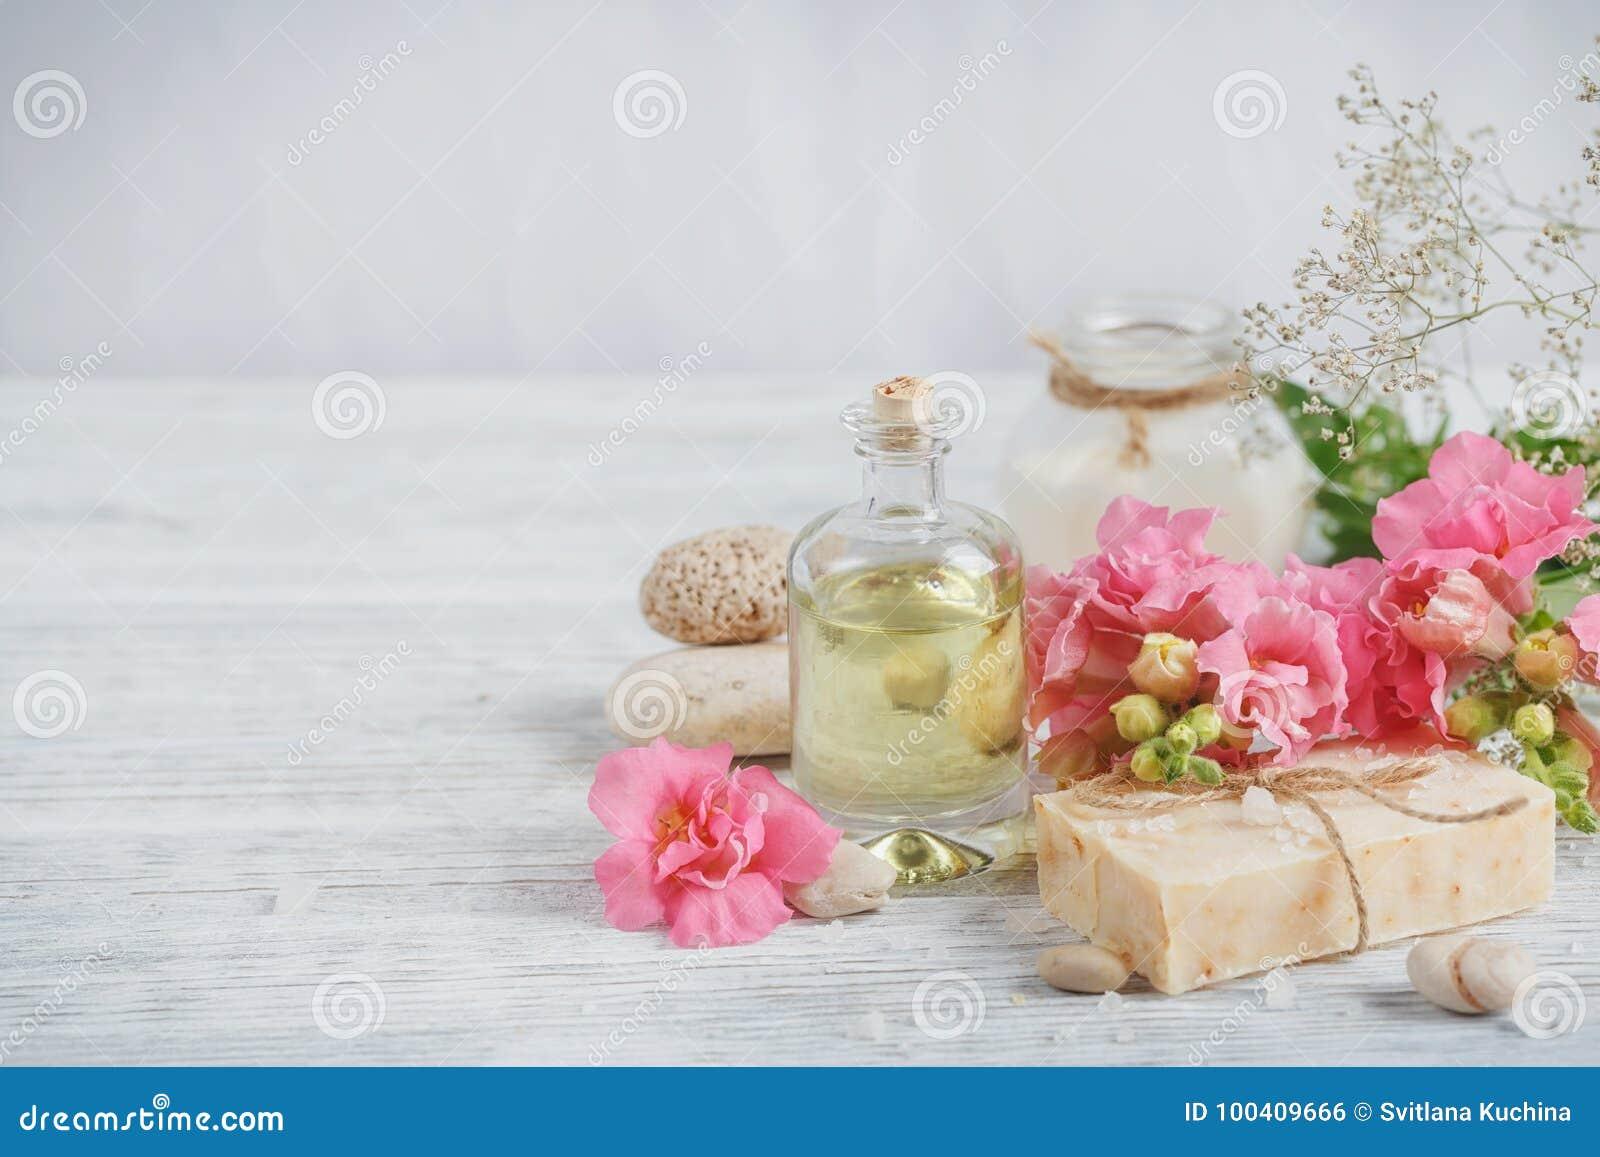 Naturalny handmade mydło, aromatyczny olej i kwiaty na biały drewnianym,